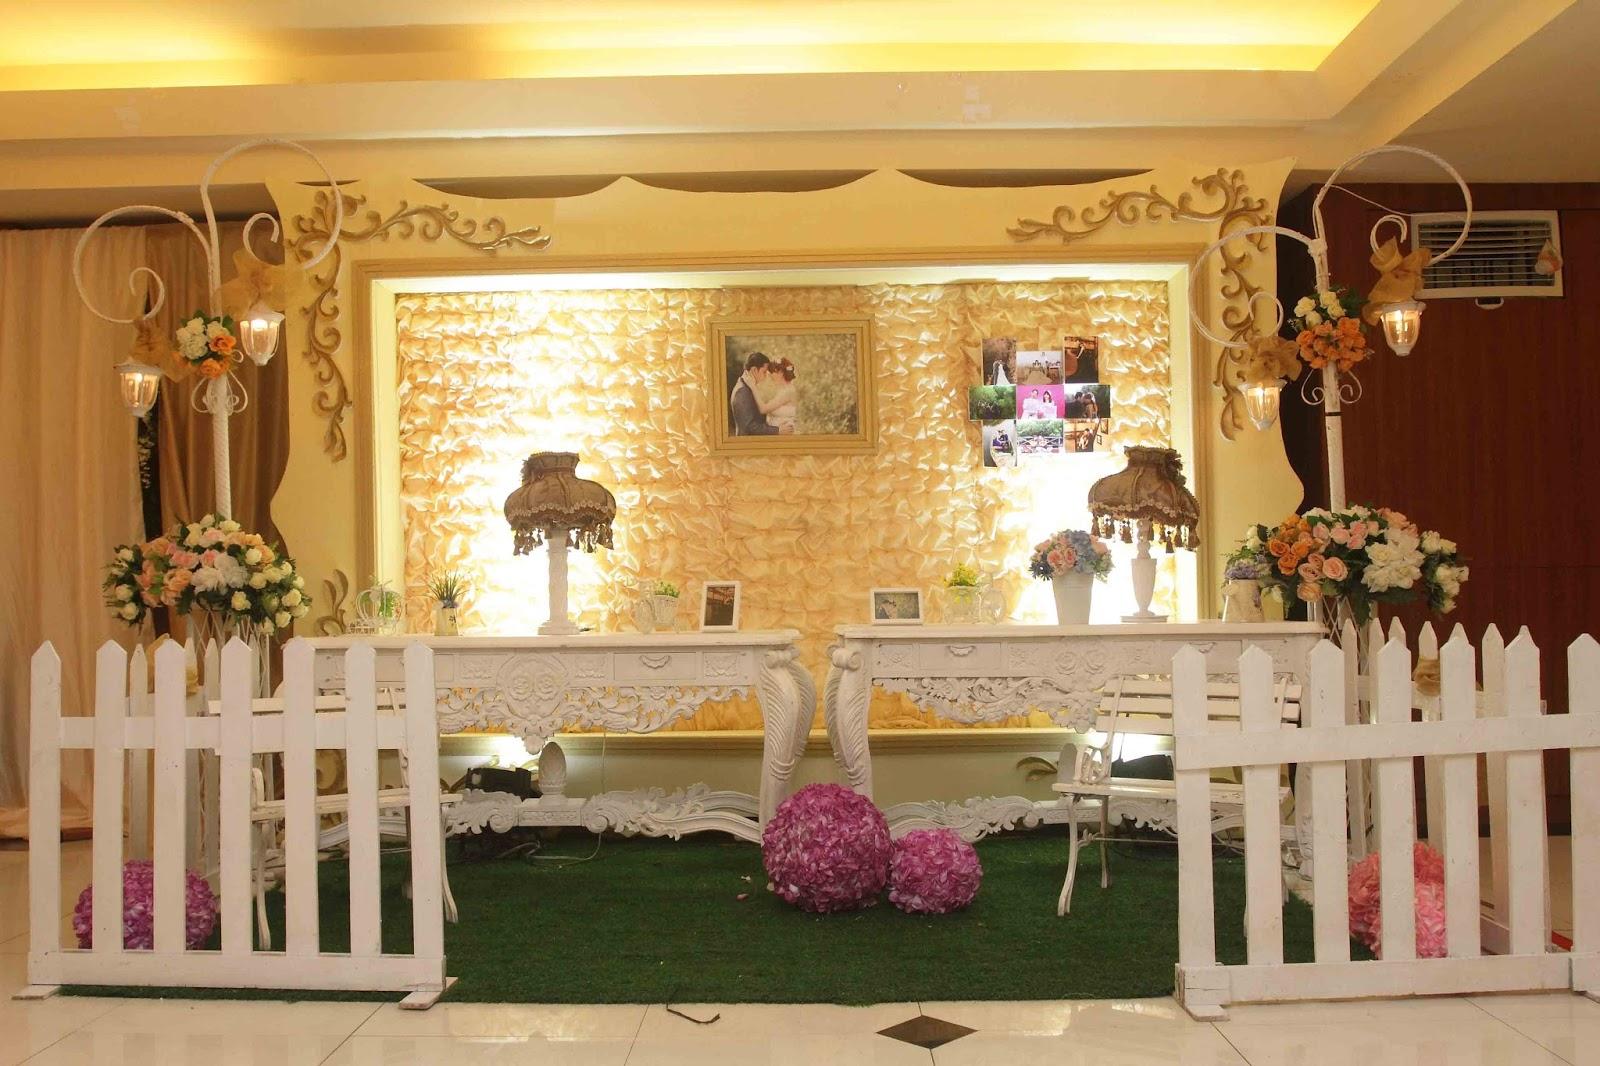 Dekorasi Pernikahan Model Perdesaan (seulaspena.wordpress.com)